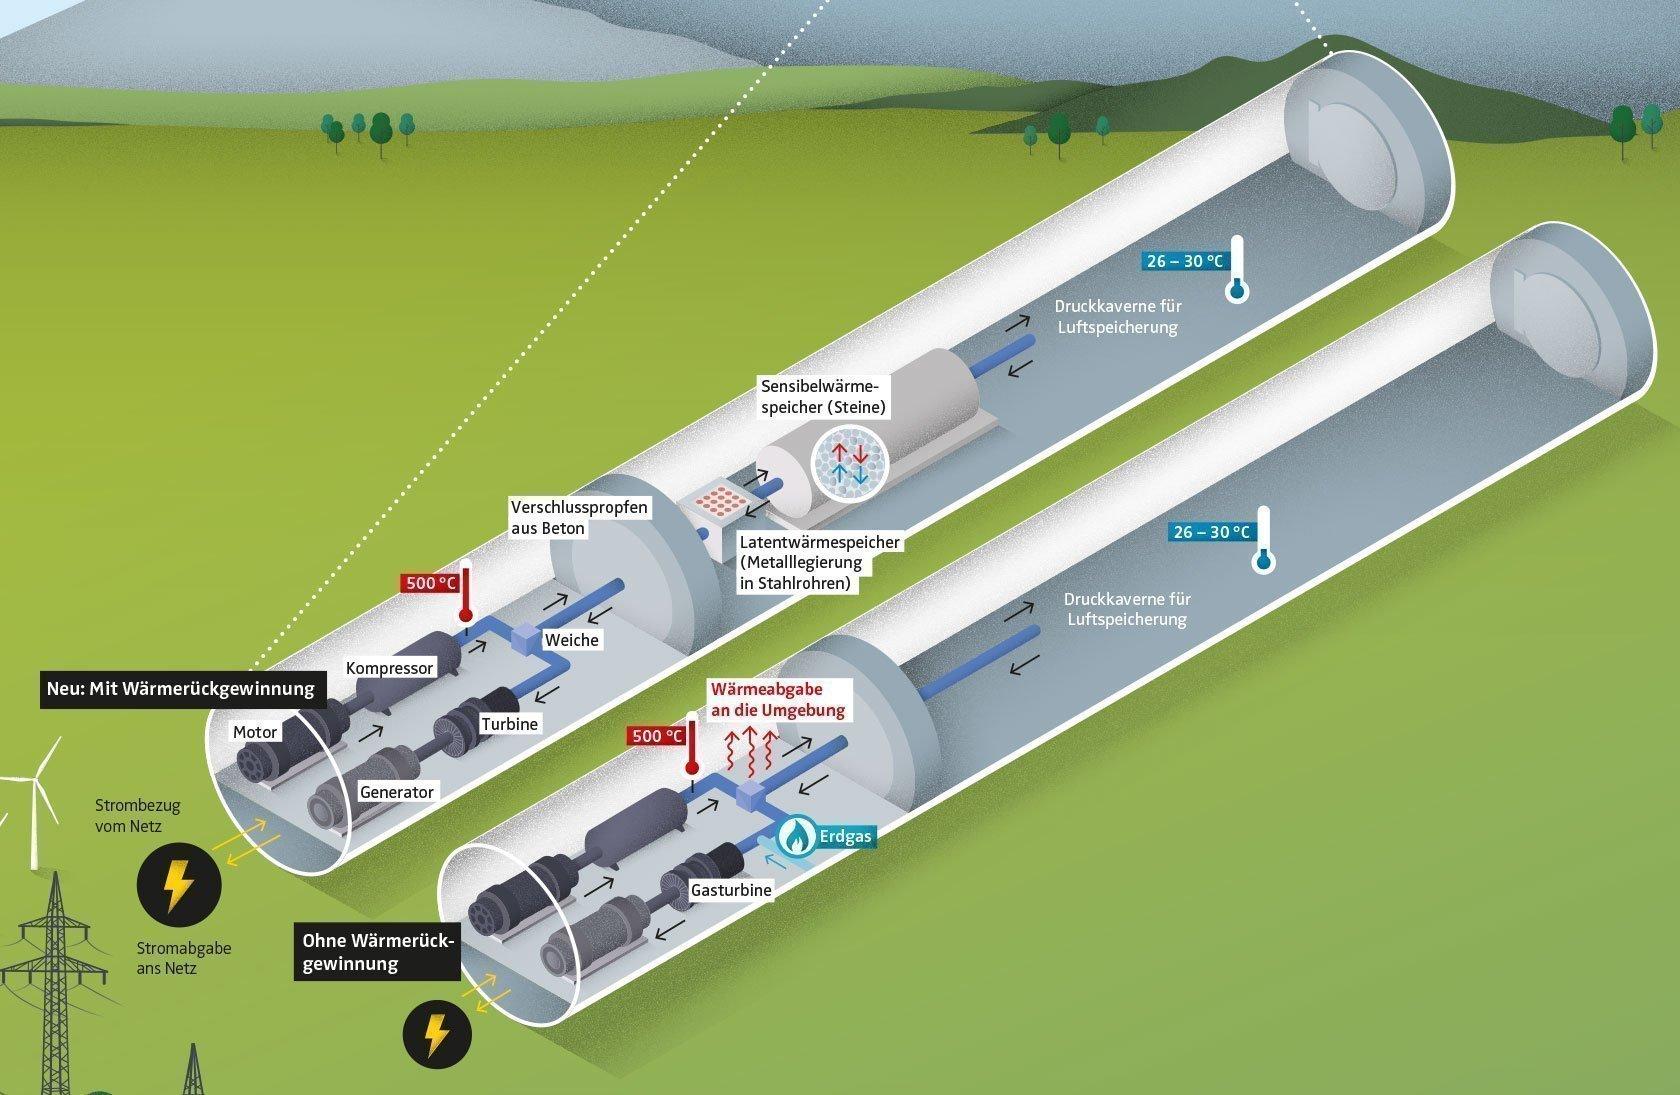 Infografik Luftrduckspeicher